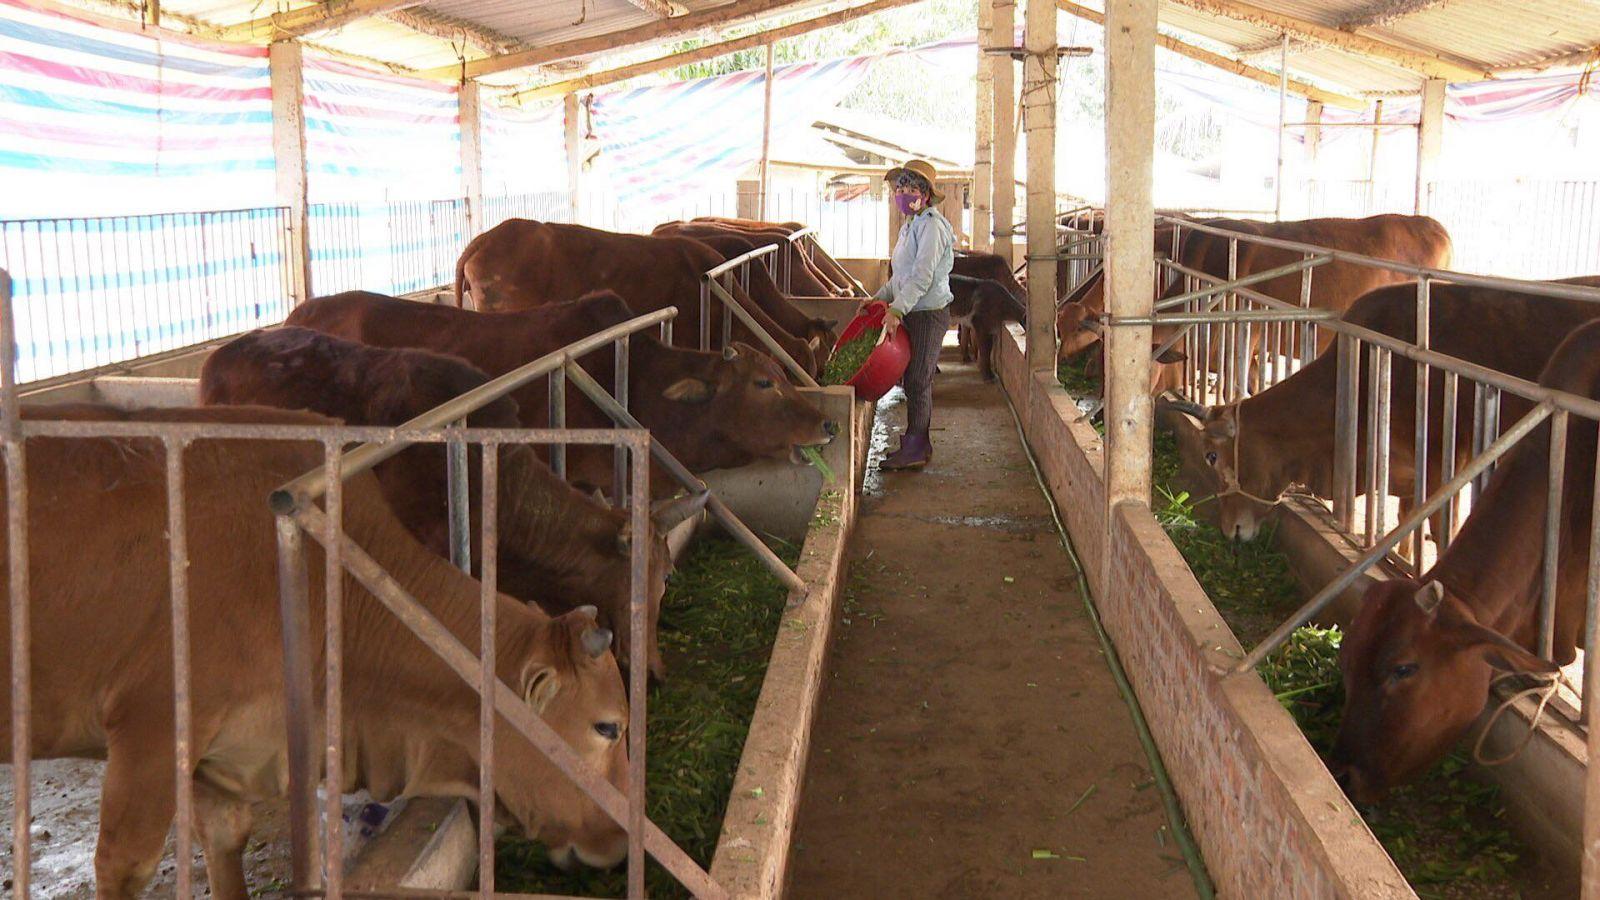 Xã Mỹ Thuận, huyện Tân Sơn (Phú Thọ) đang nhân rộng mô hình nuôi bò sinh sản có hiệu quả này